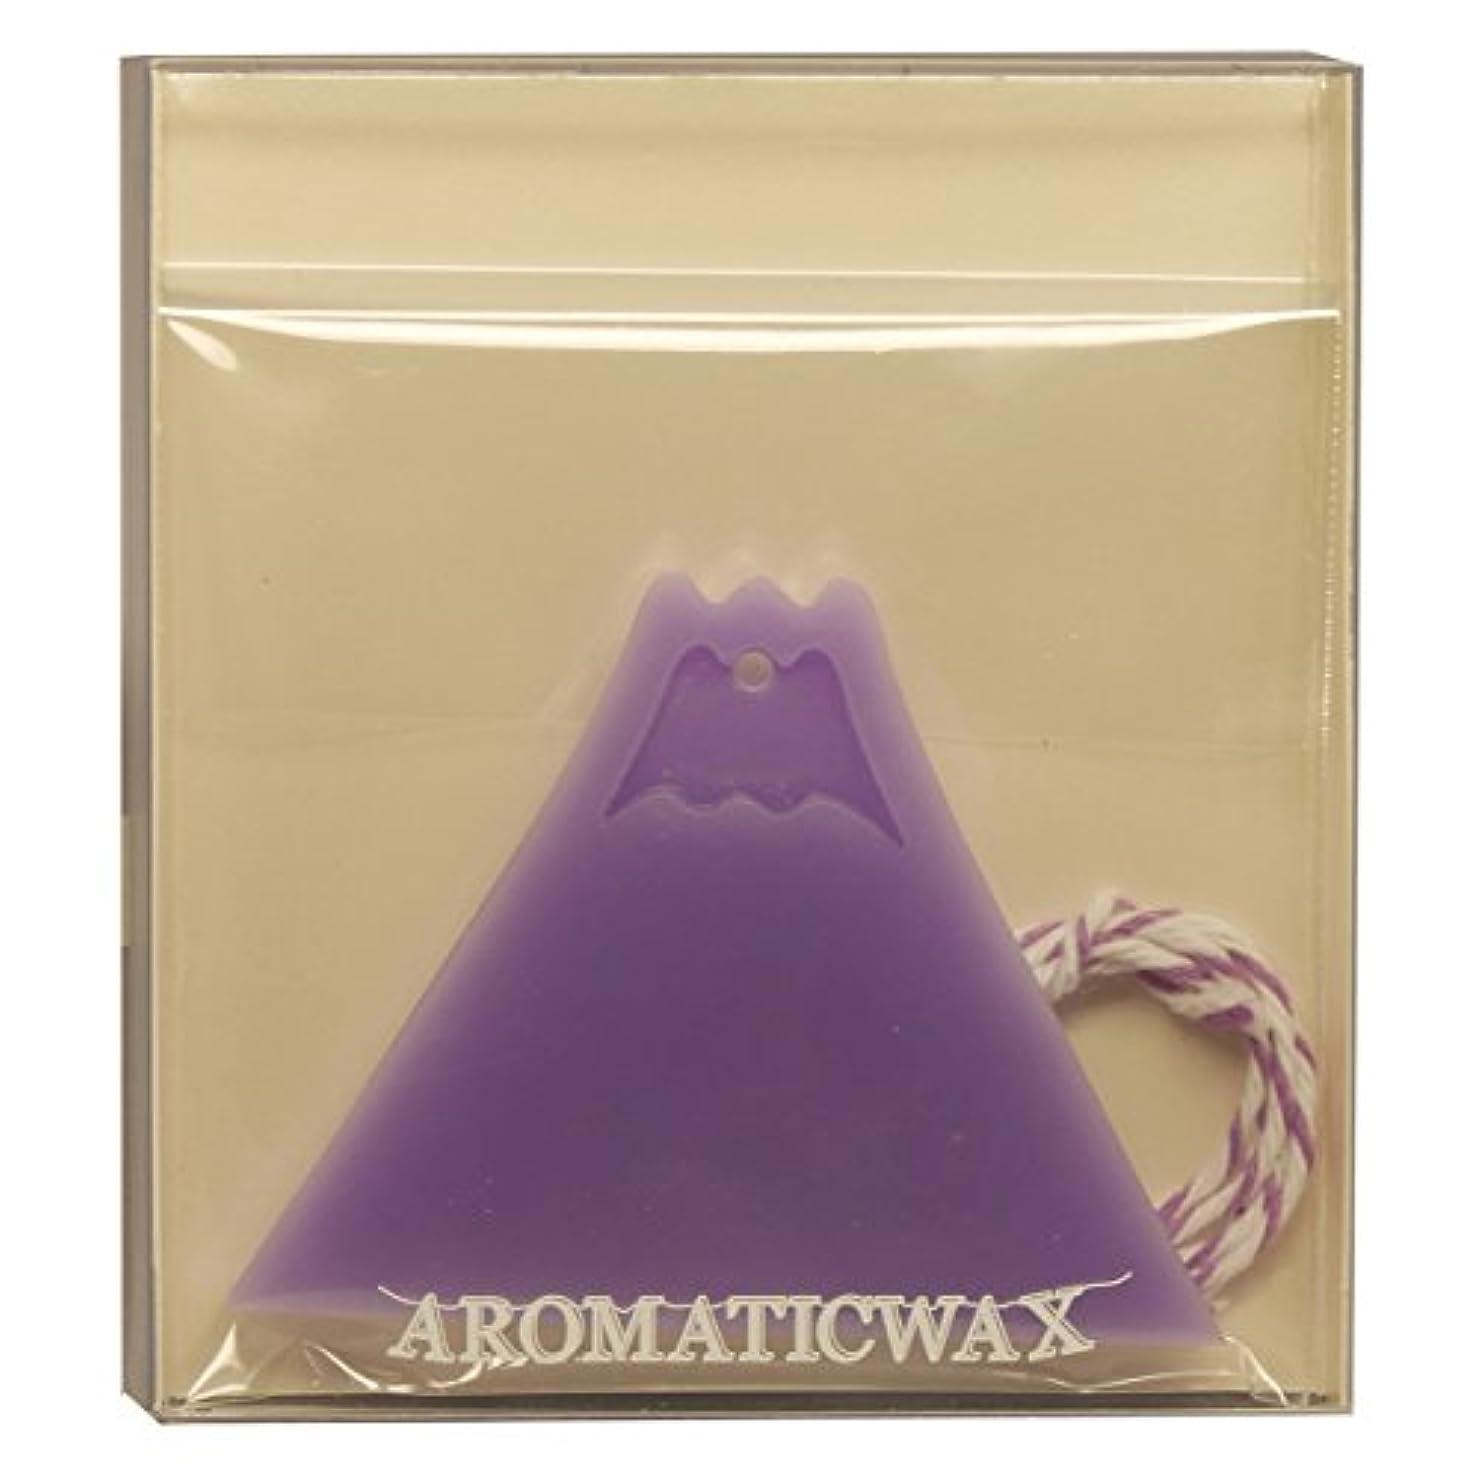 オーブン普通のフレッシュGRASSE TOKYO AROMATICWAXチャーム「富士山」(PU) ラベンダー アロマティックワックス グラーストウキョウ